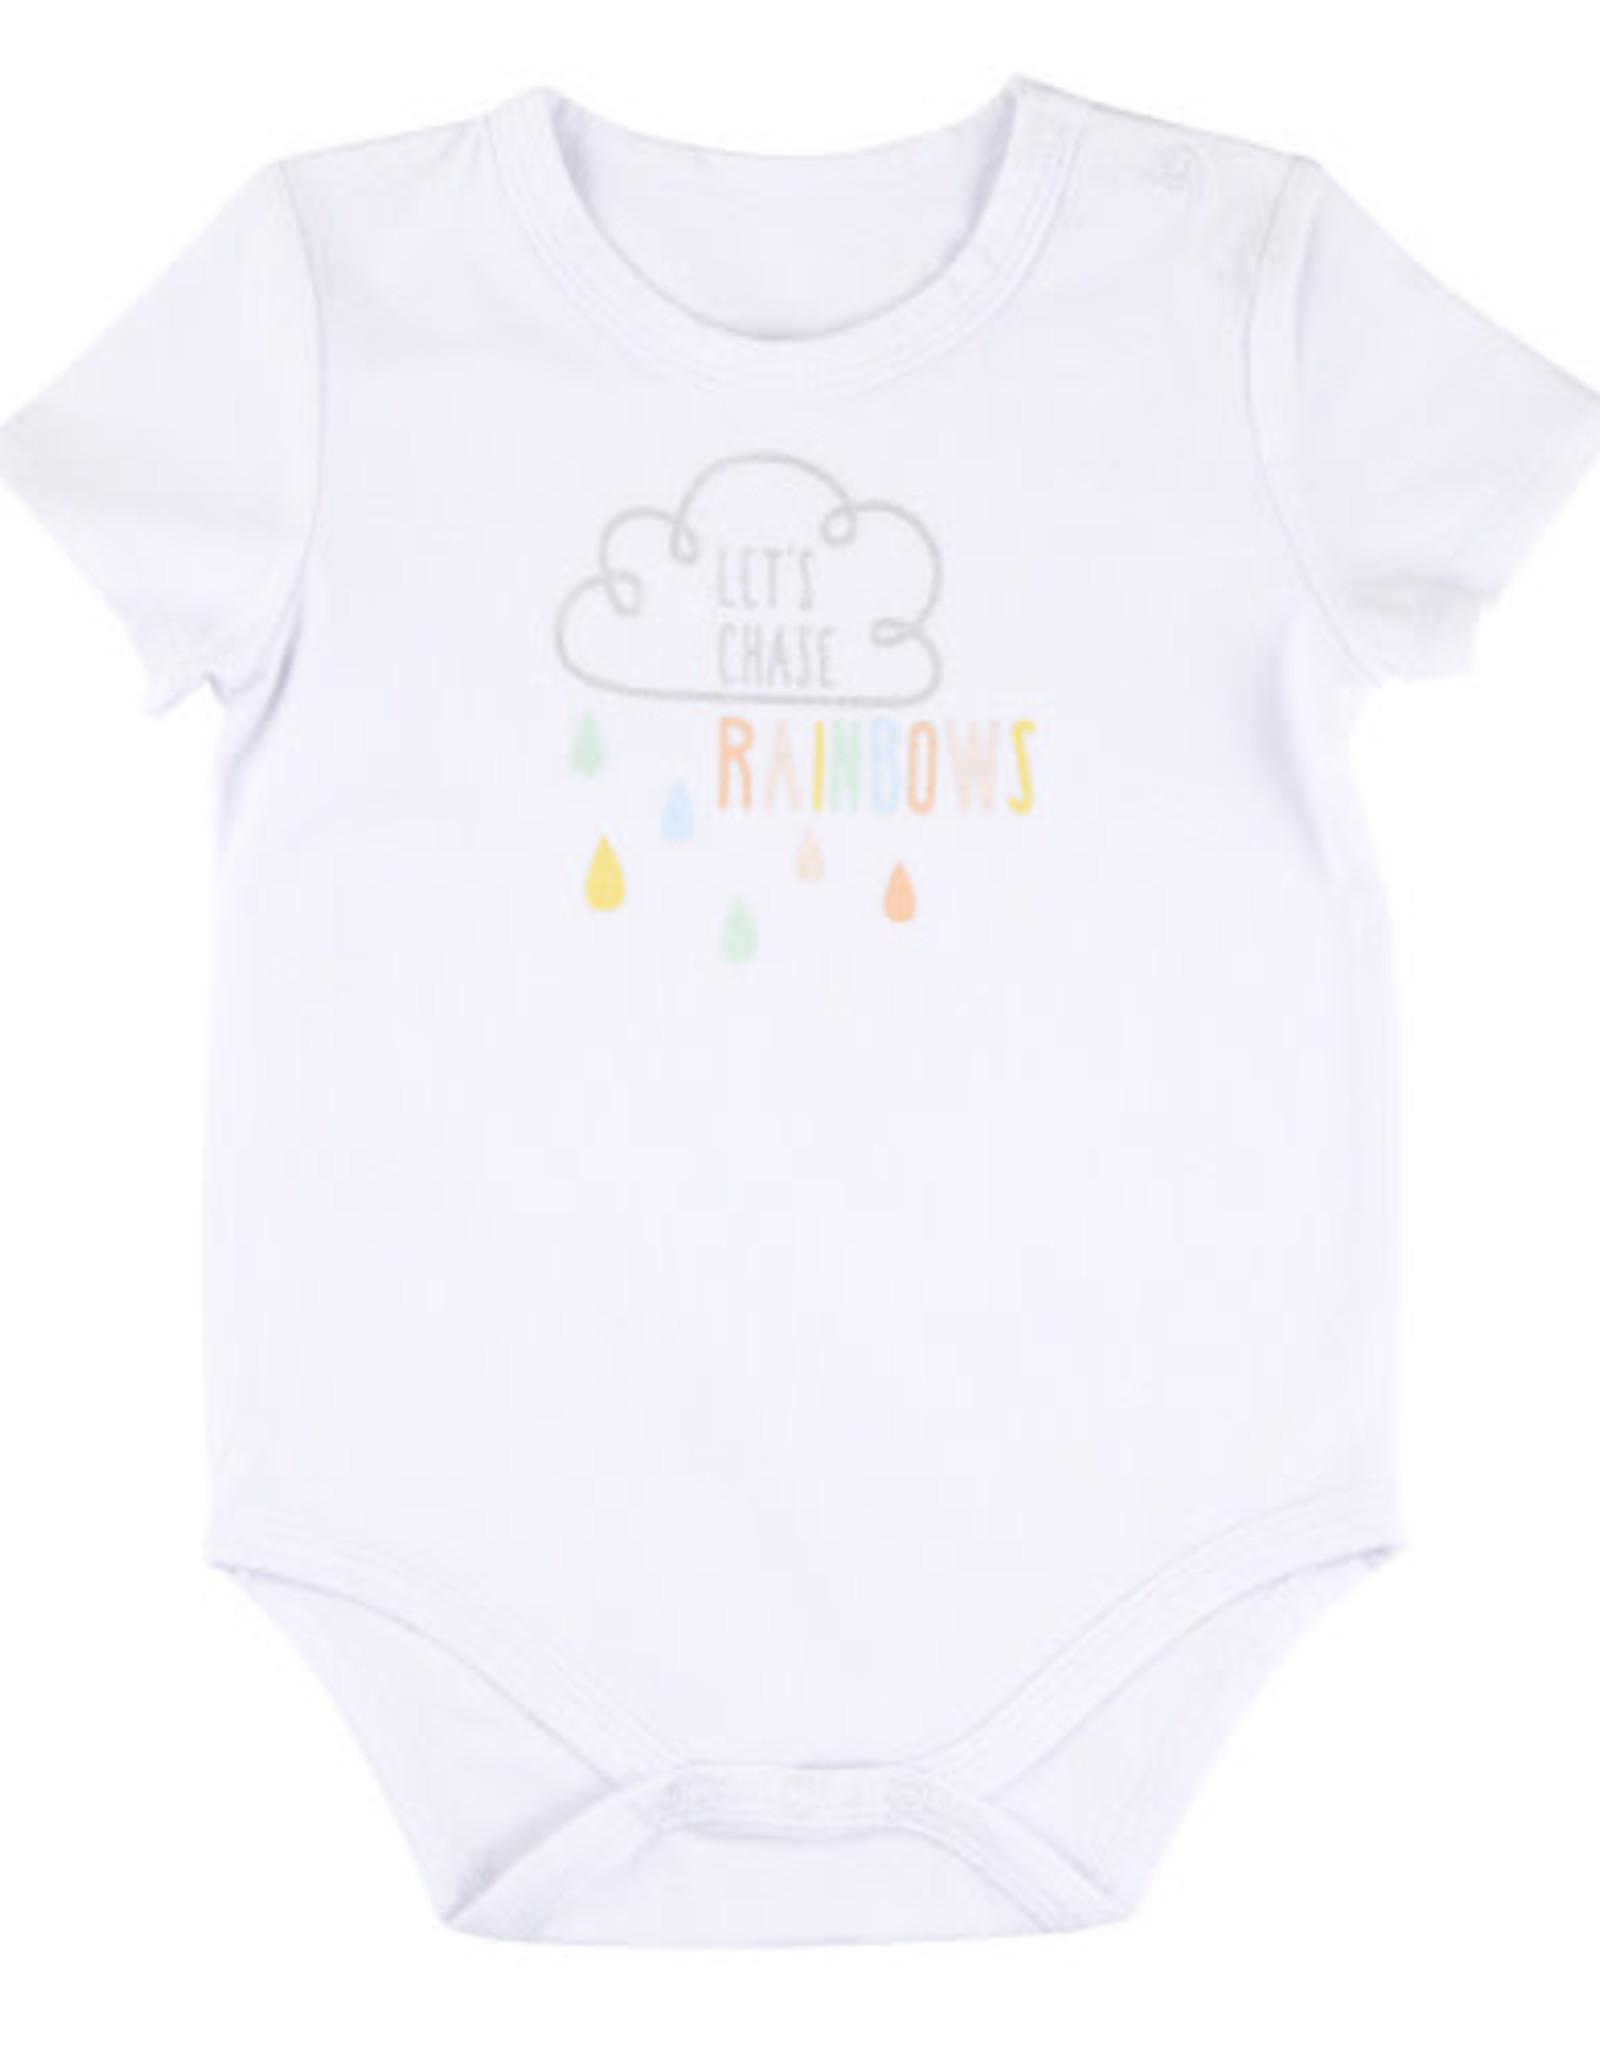 Creative Brands Chasing Rainbows Onsie 6-12 motnhs